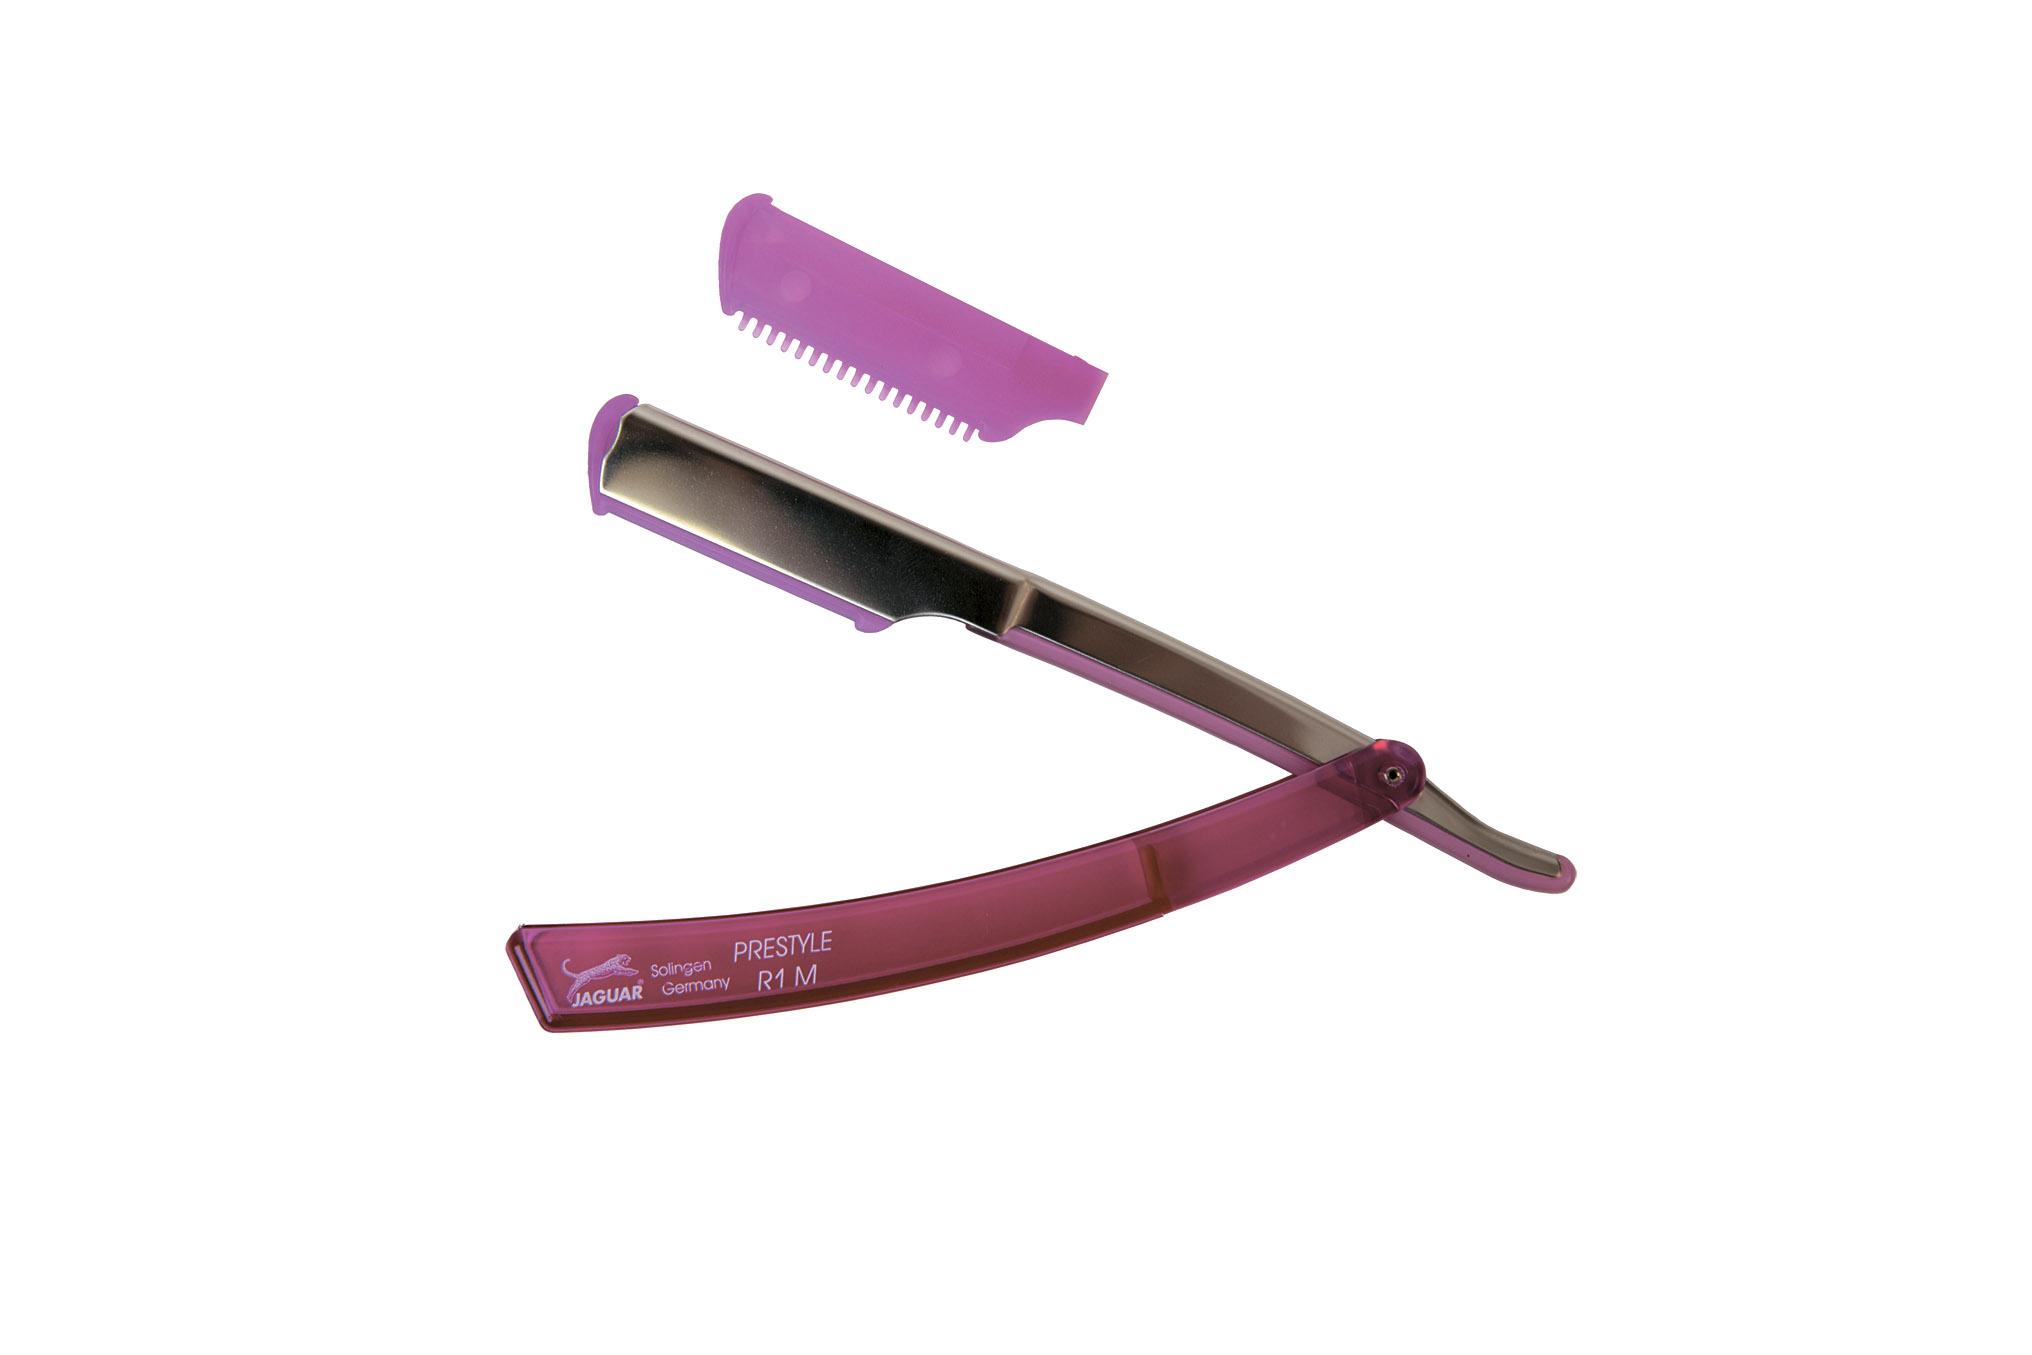 JAGUAR Бритва R1M Pink филировочная пластиковая розоваяБритвы<br>Используется для филировки и подбривания волос. Материал: изготовлена из пластика, металла.<br>